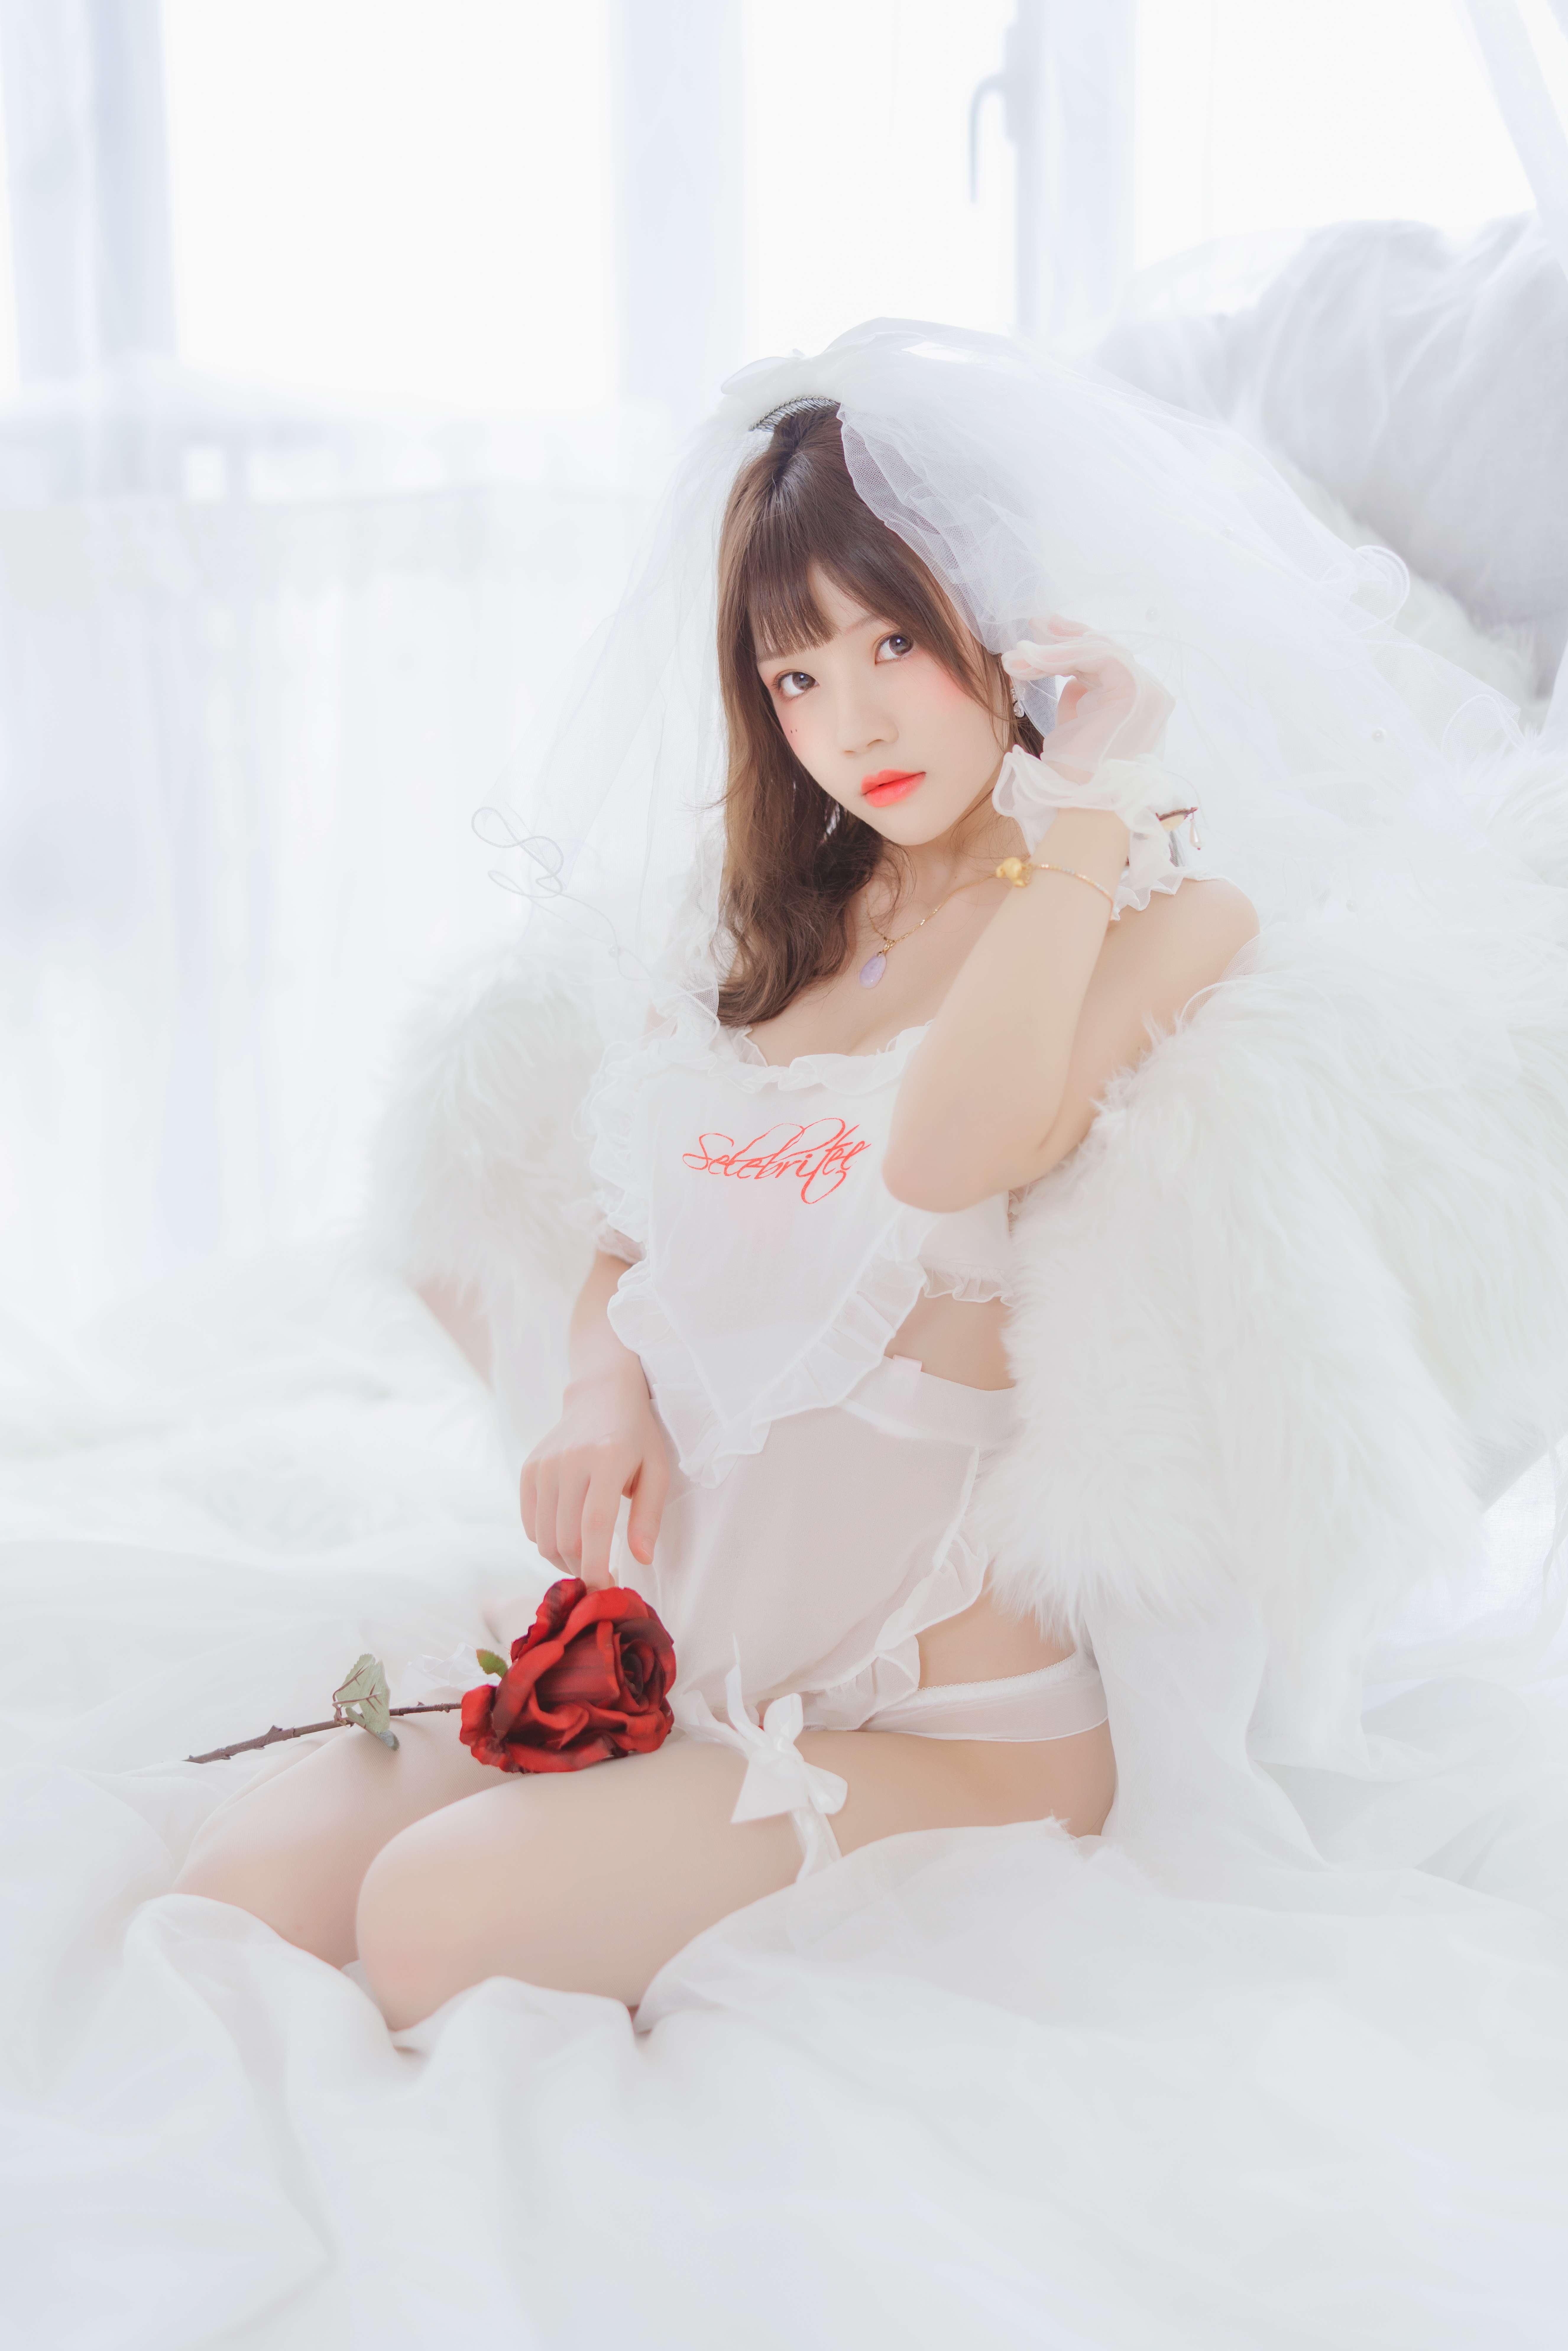 桜桃喵轻纱写真,白色轻纱下的动人妩媚